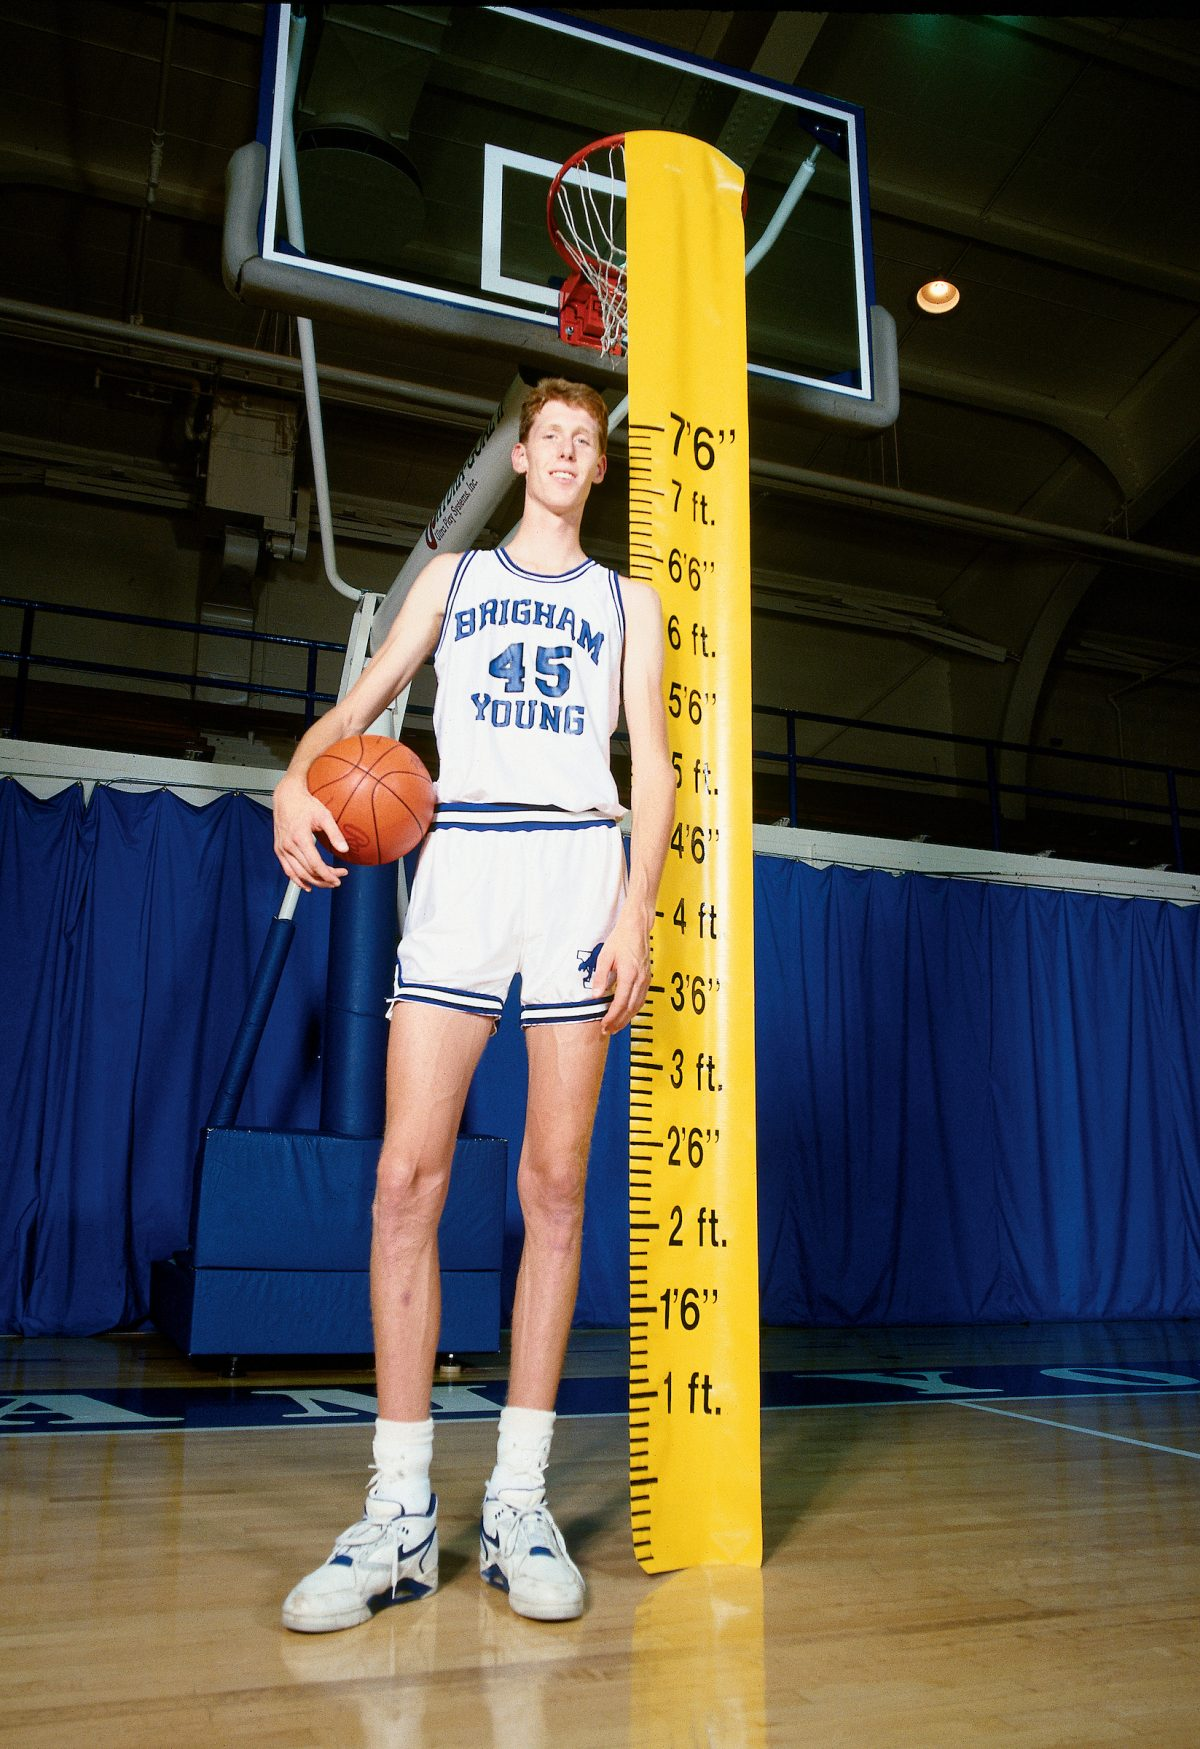 伝説のNBA選手から分かった、多遺伝子リスクスコアの「使いどころ」